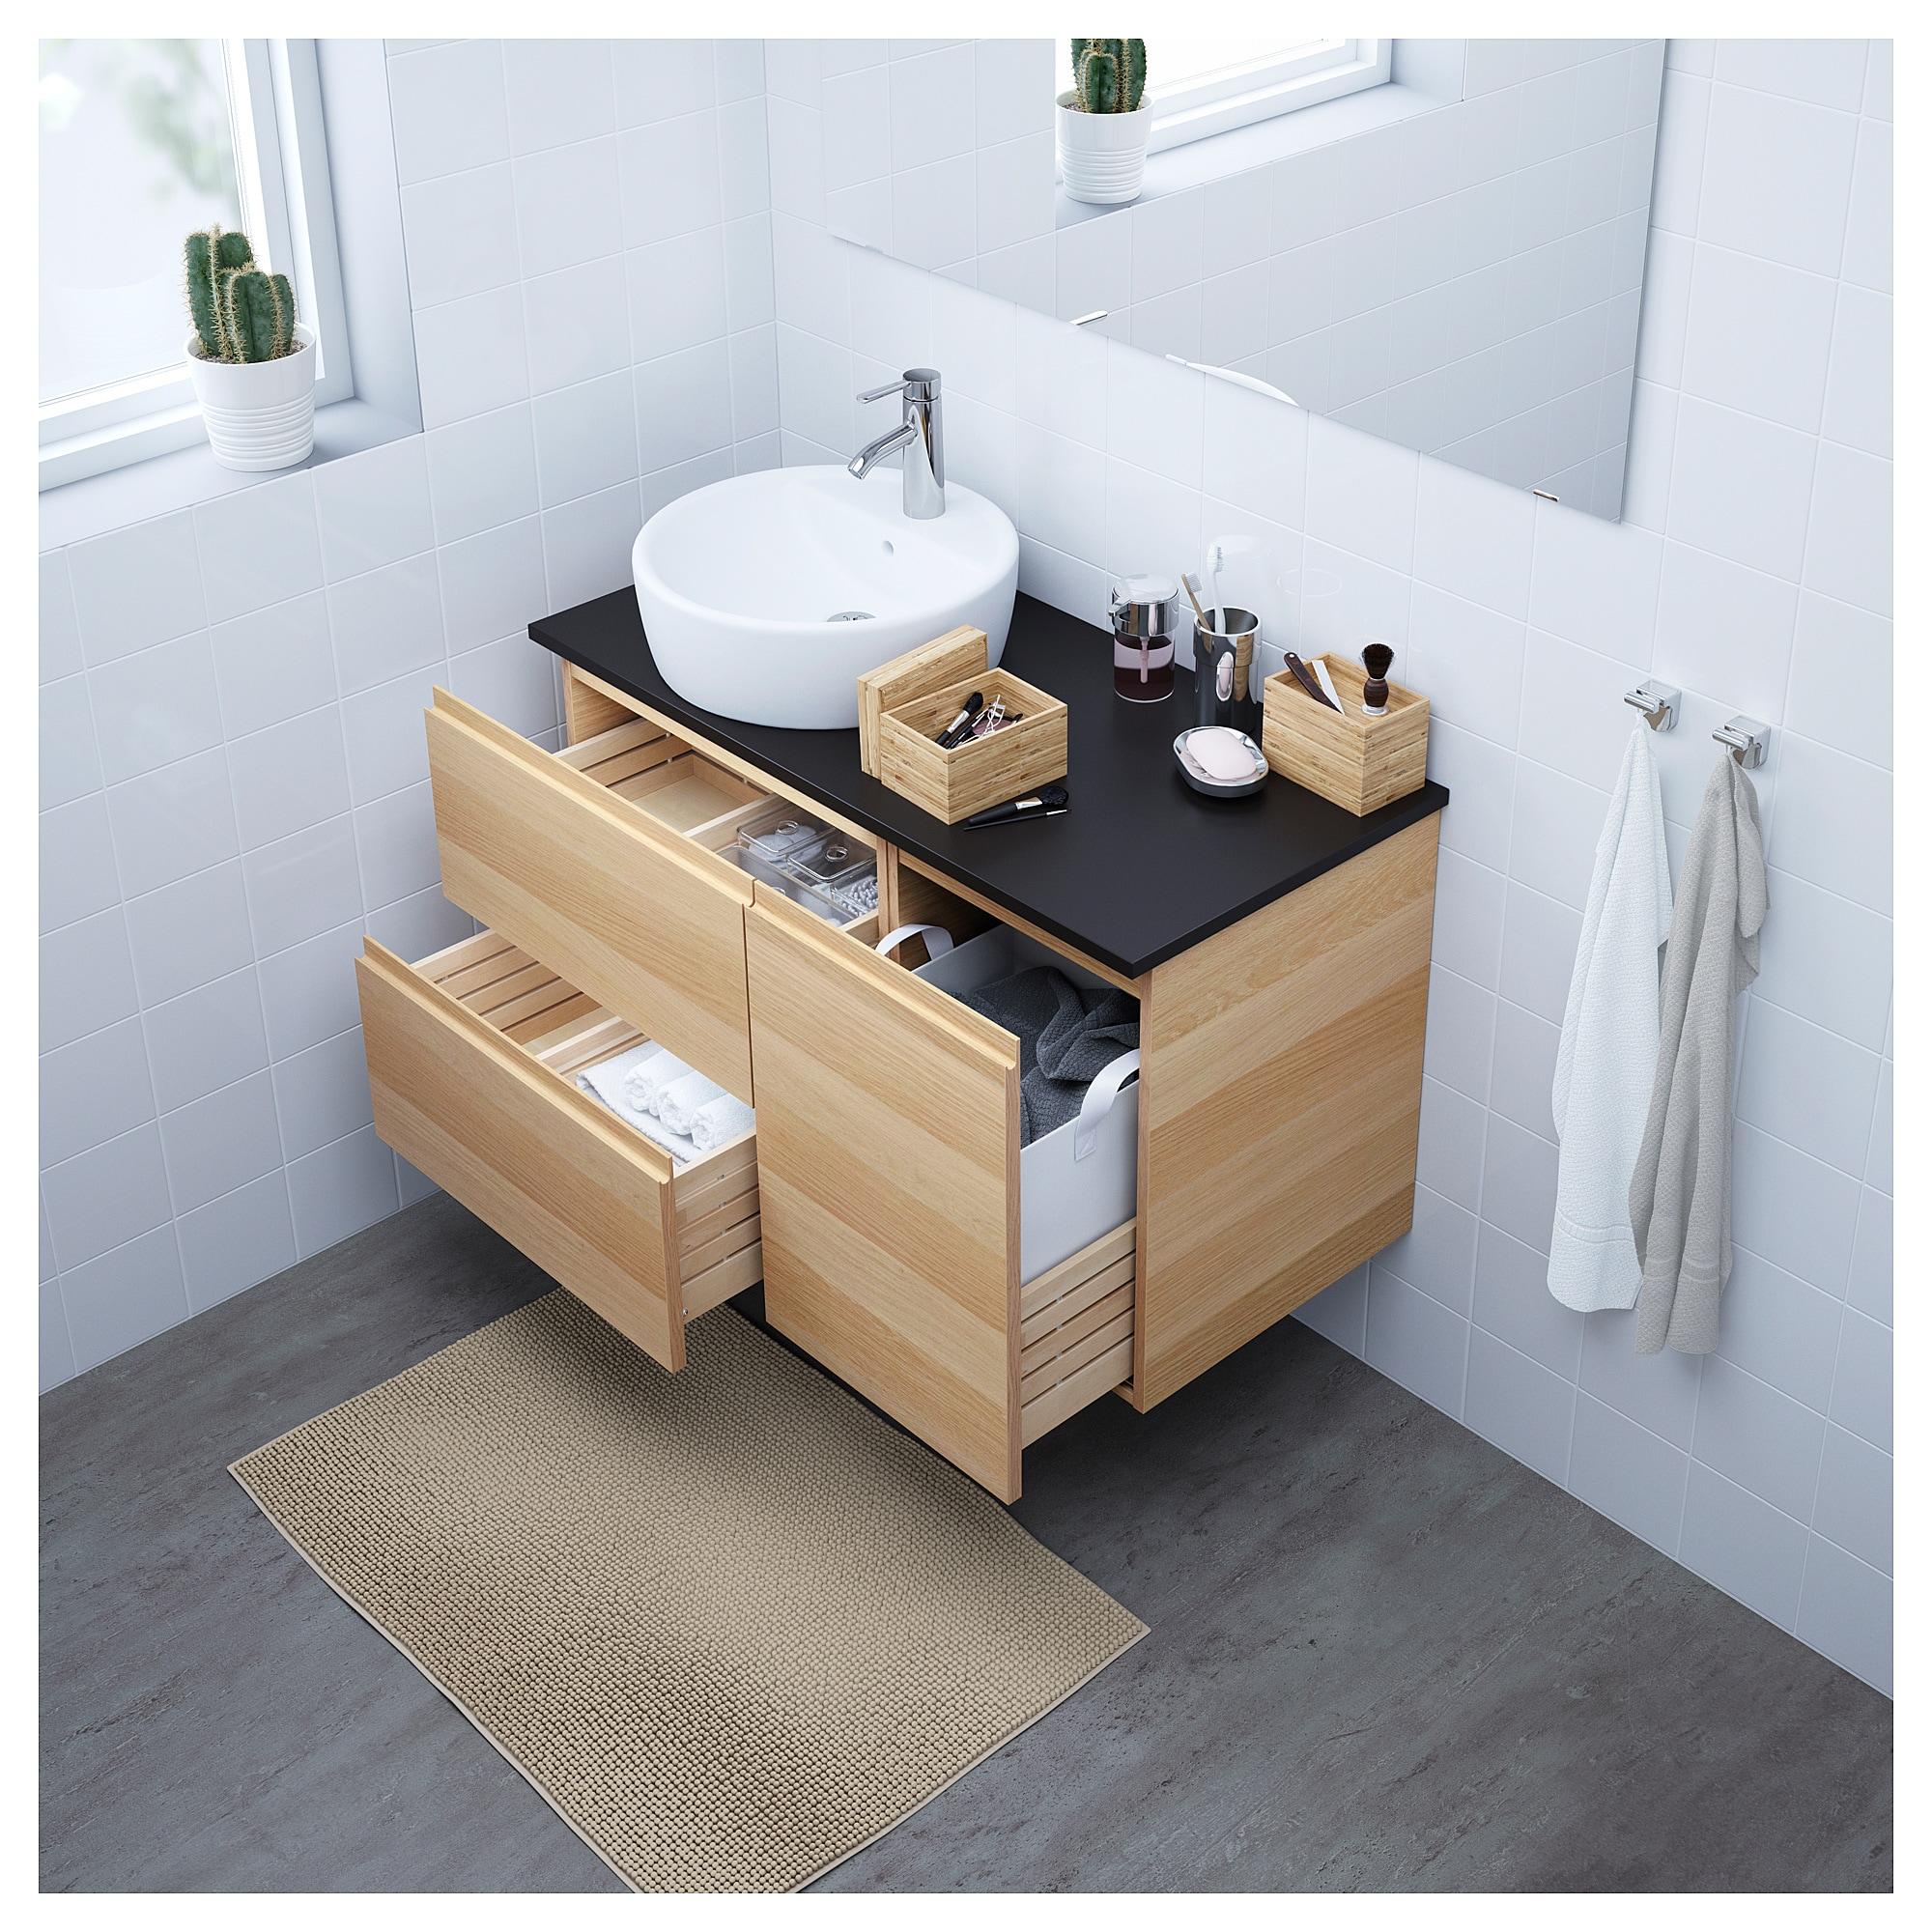 Godmorgon Tolken Tornviken Waschbschr Waschb 45 Eicheneff Wlas Badezimmer Dekor Badezimmer Braun Ikea Godmorgon